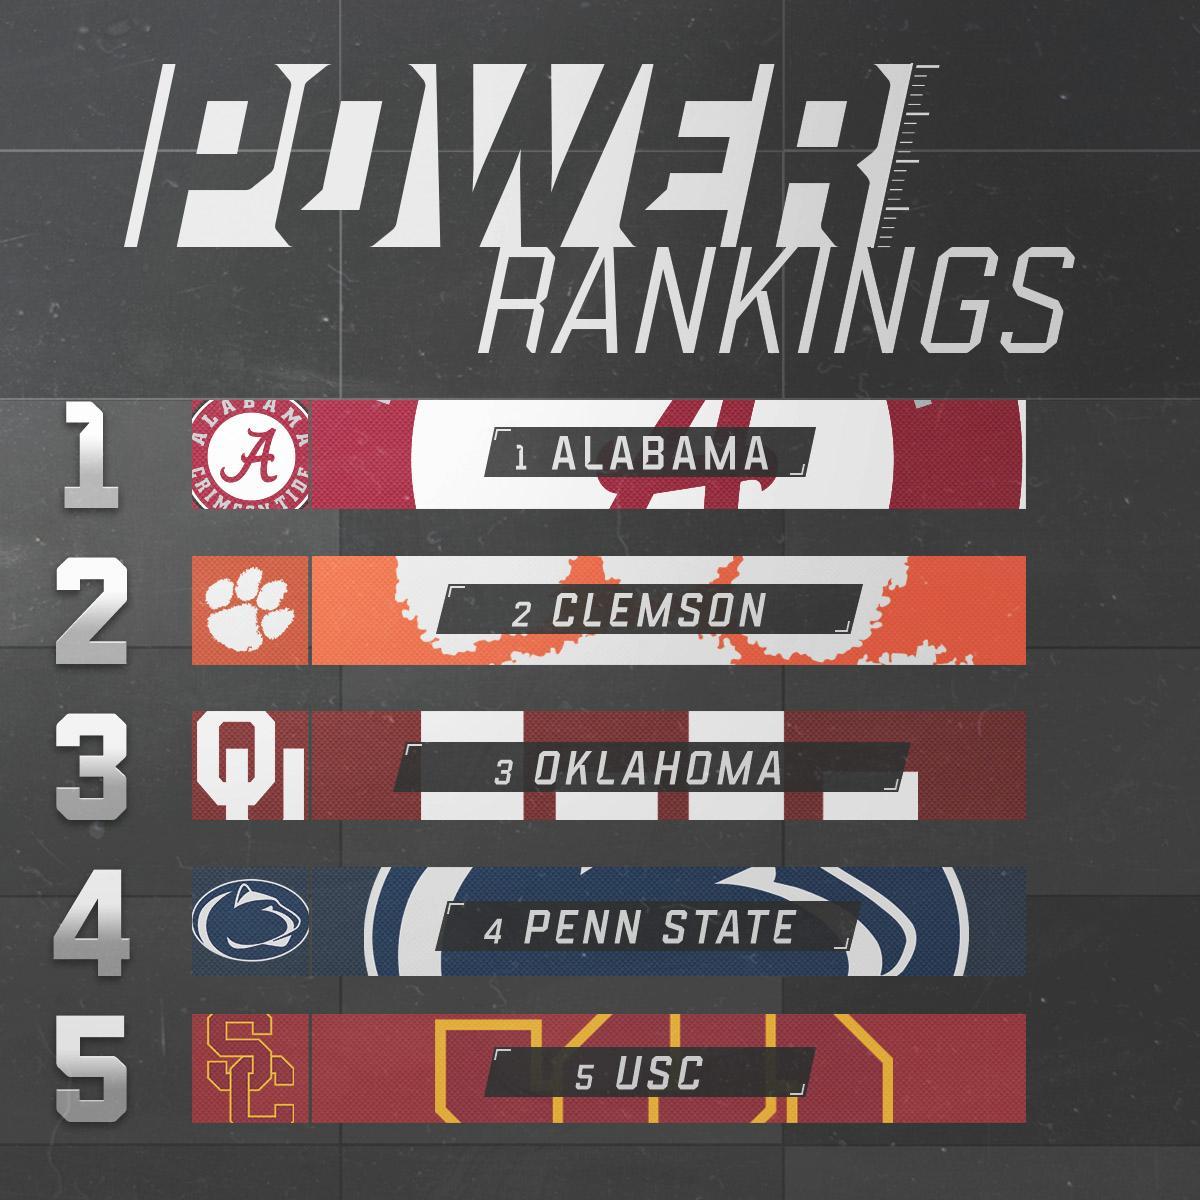 Week 4 Power Rankings are in.  Do you agree? https://t.co/fepJorNkgr